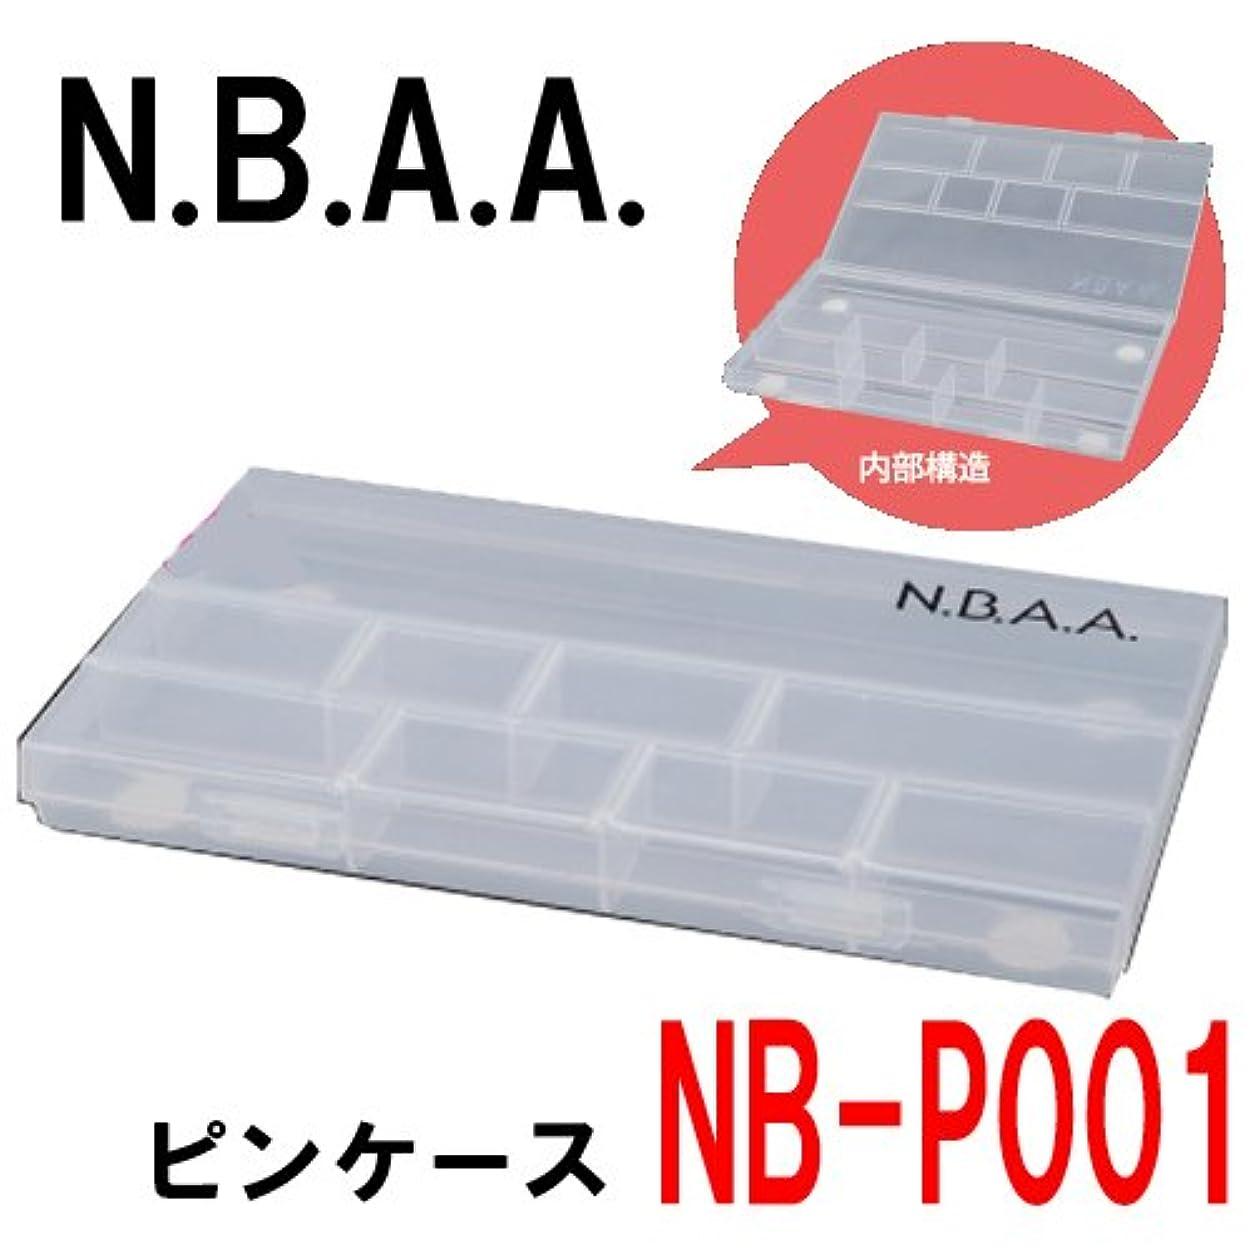 見る人乳製品解決するN.B.A.A. NB-P001 ピンケース